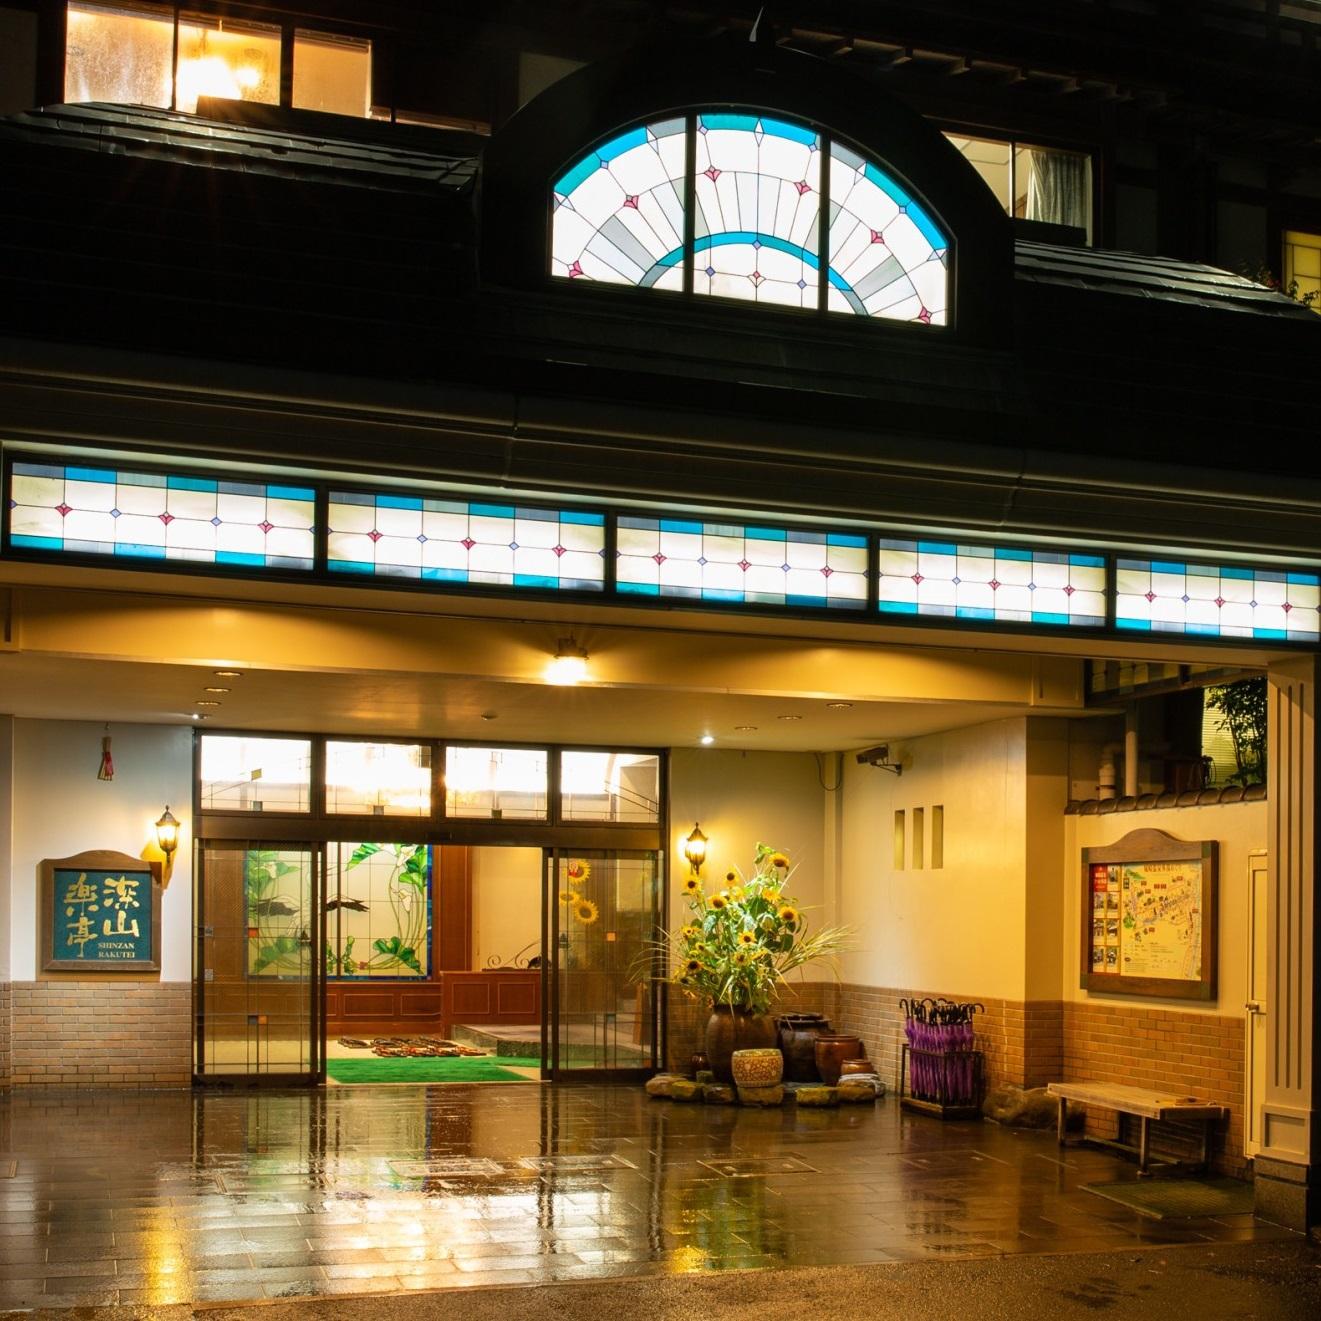 【50歳代女性】カニが美味しい城崎温泉の温泉宿